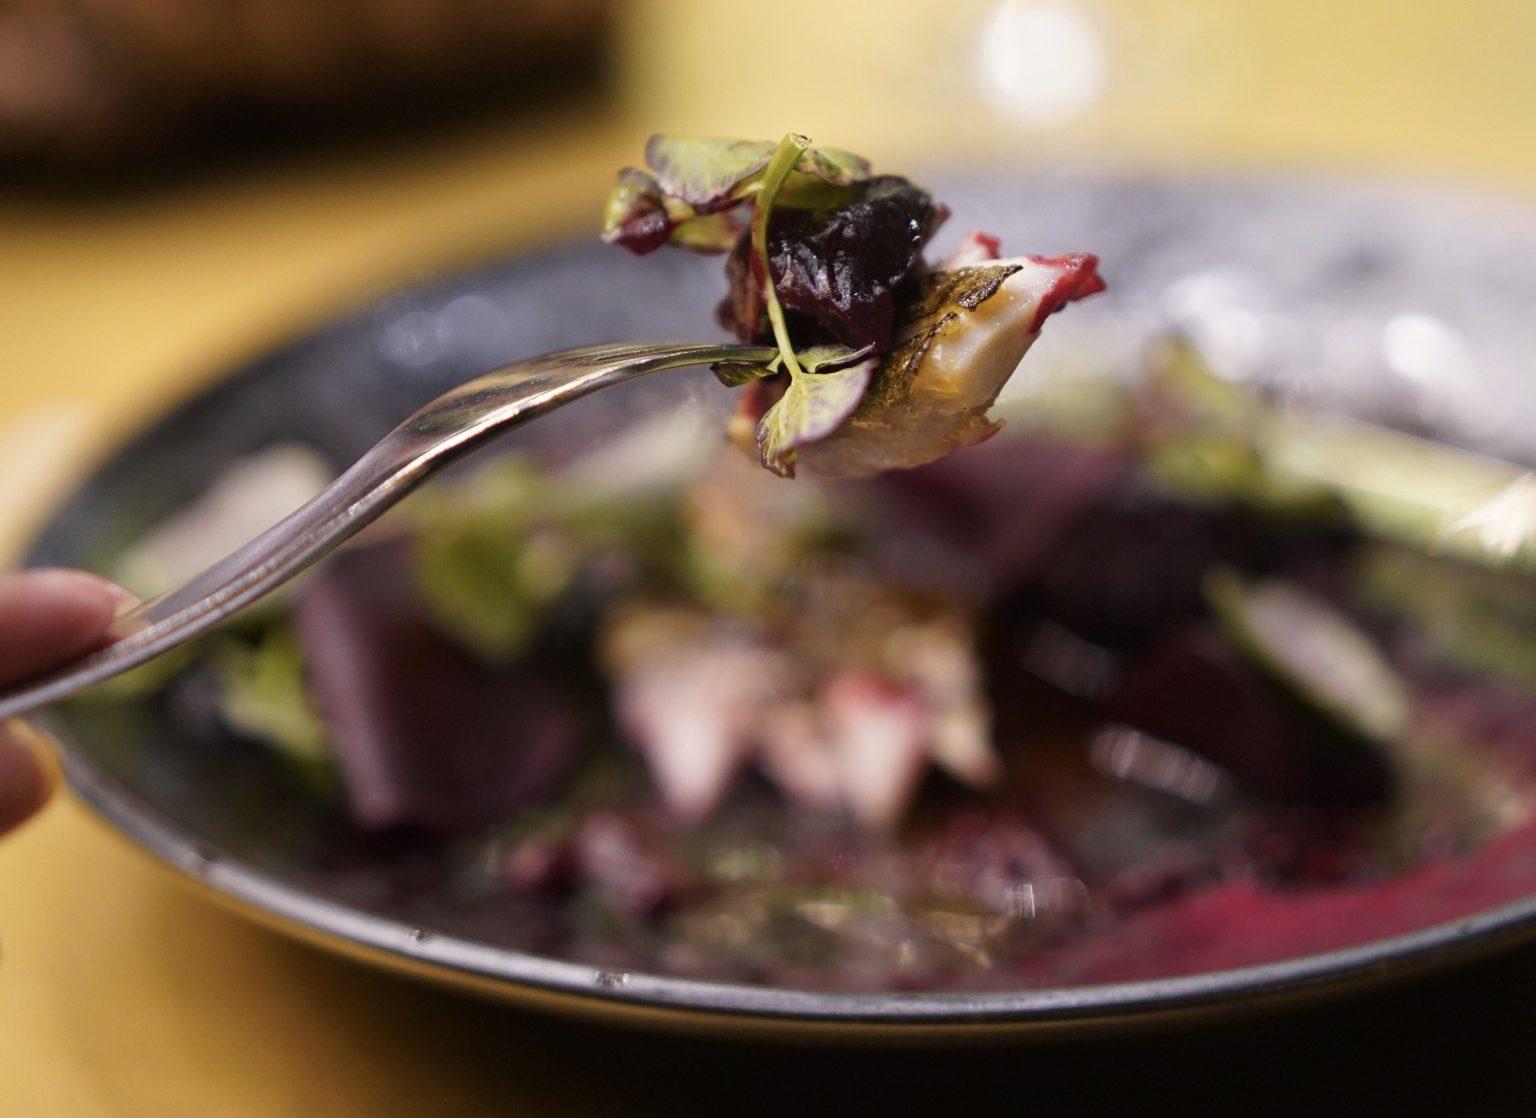 【初めてのチェコ旅】チェコ ナンバー1レストラン「Entree」でディナーを。